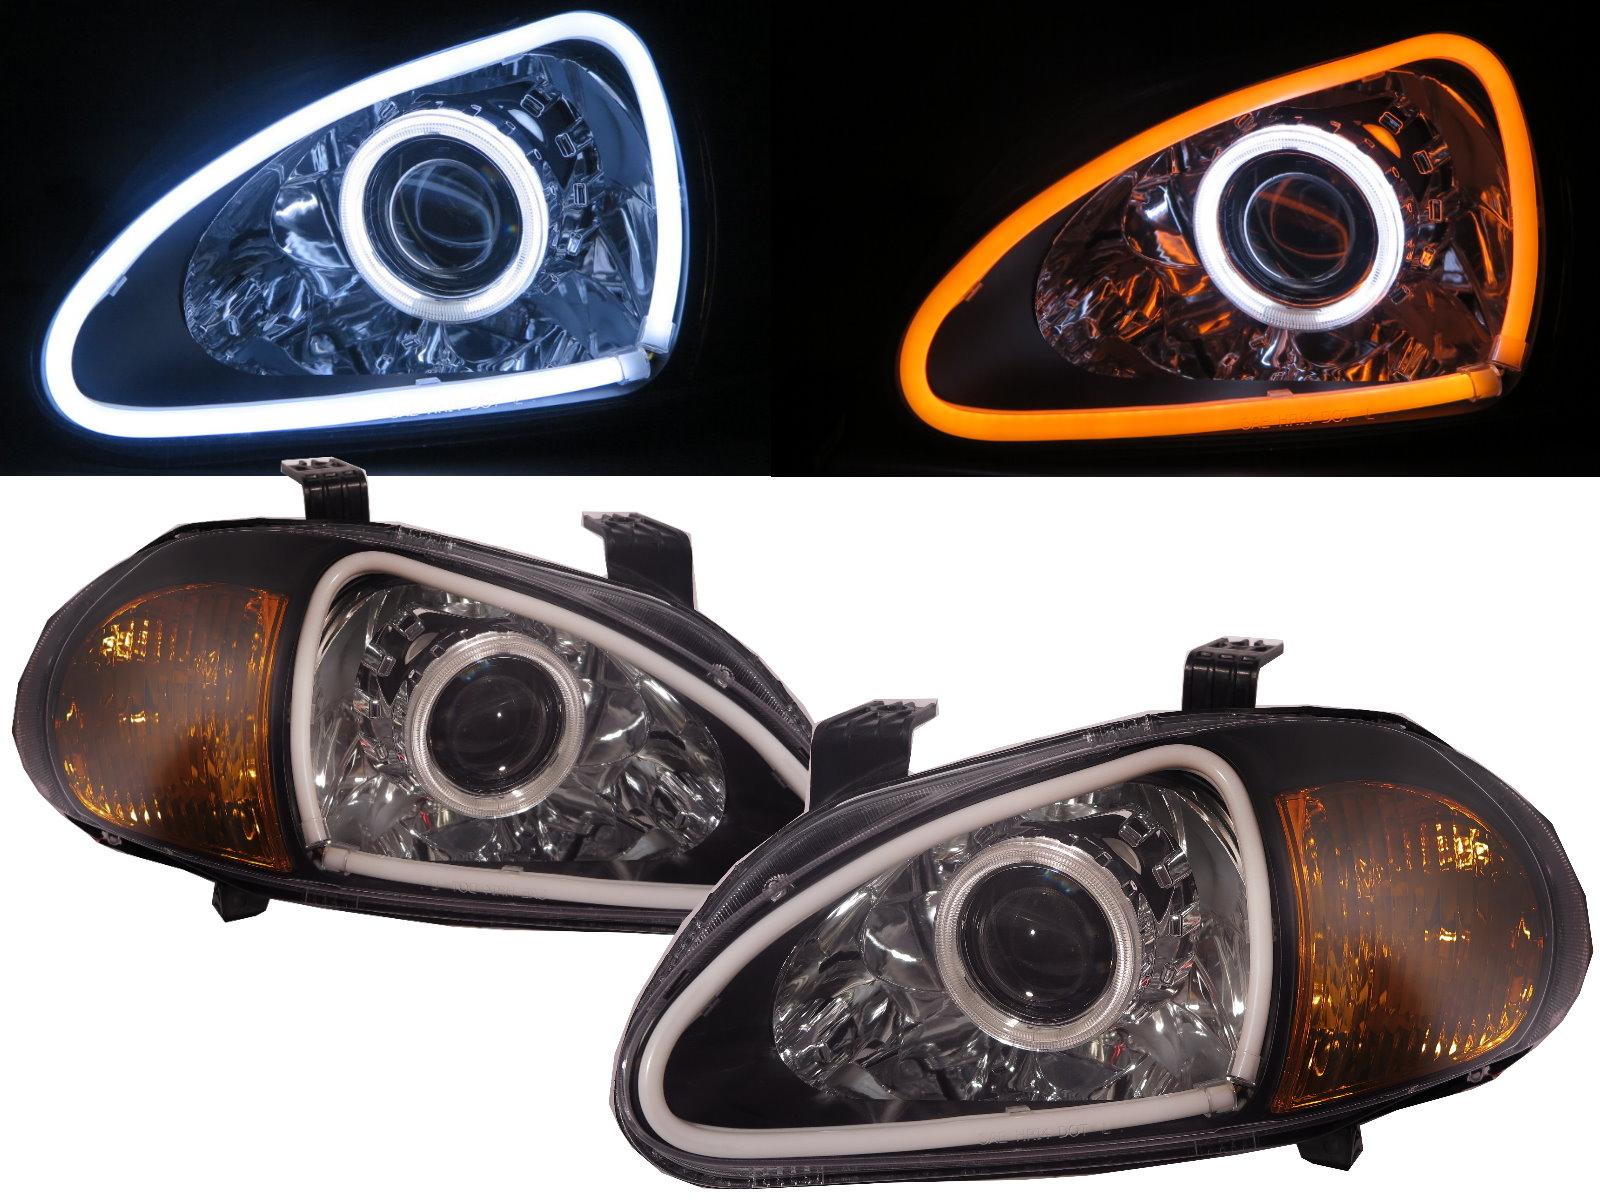 DEL SOL CRX 93 97 2D CCFL BI XENON Projector Headlight BK for HONDA